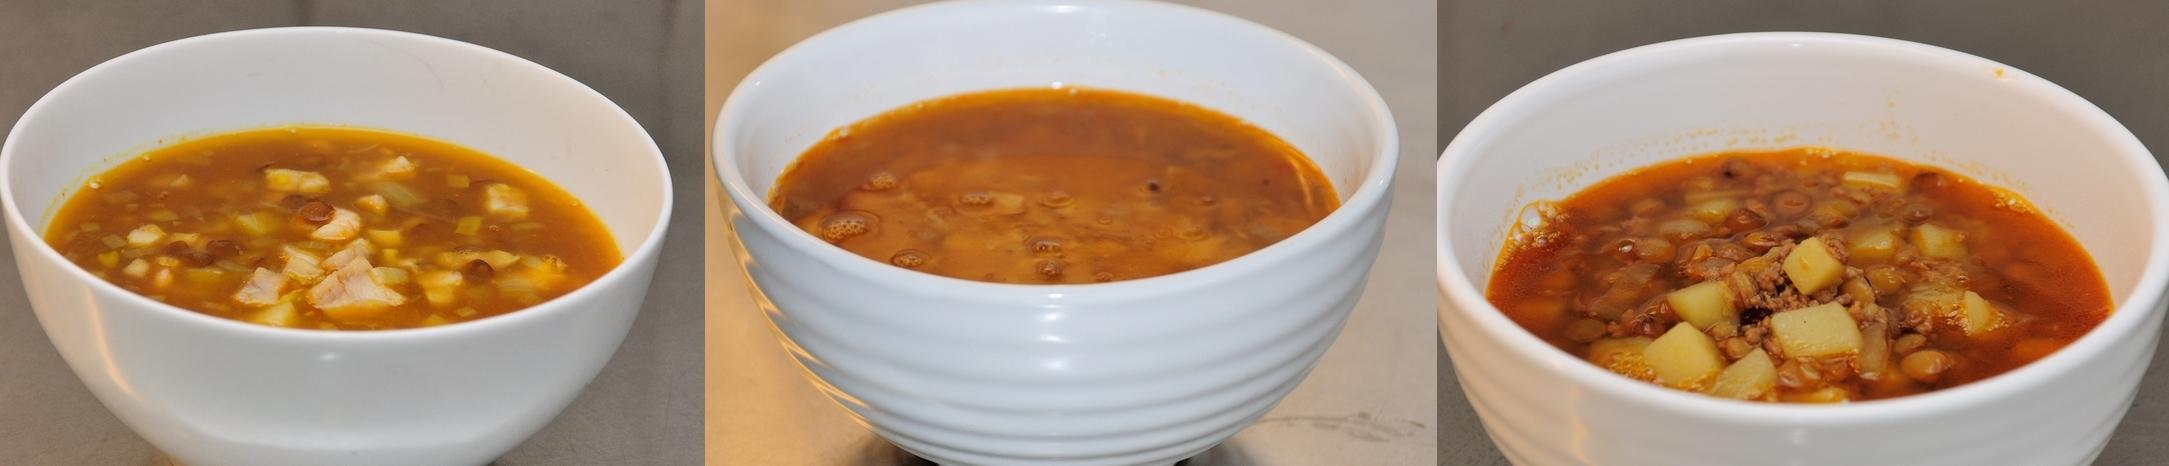 ostronskivling soppa